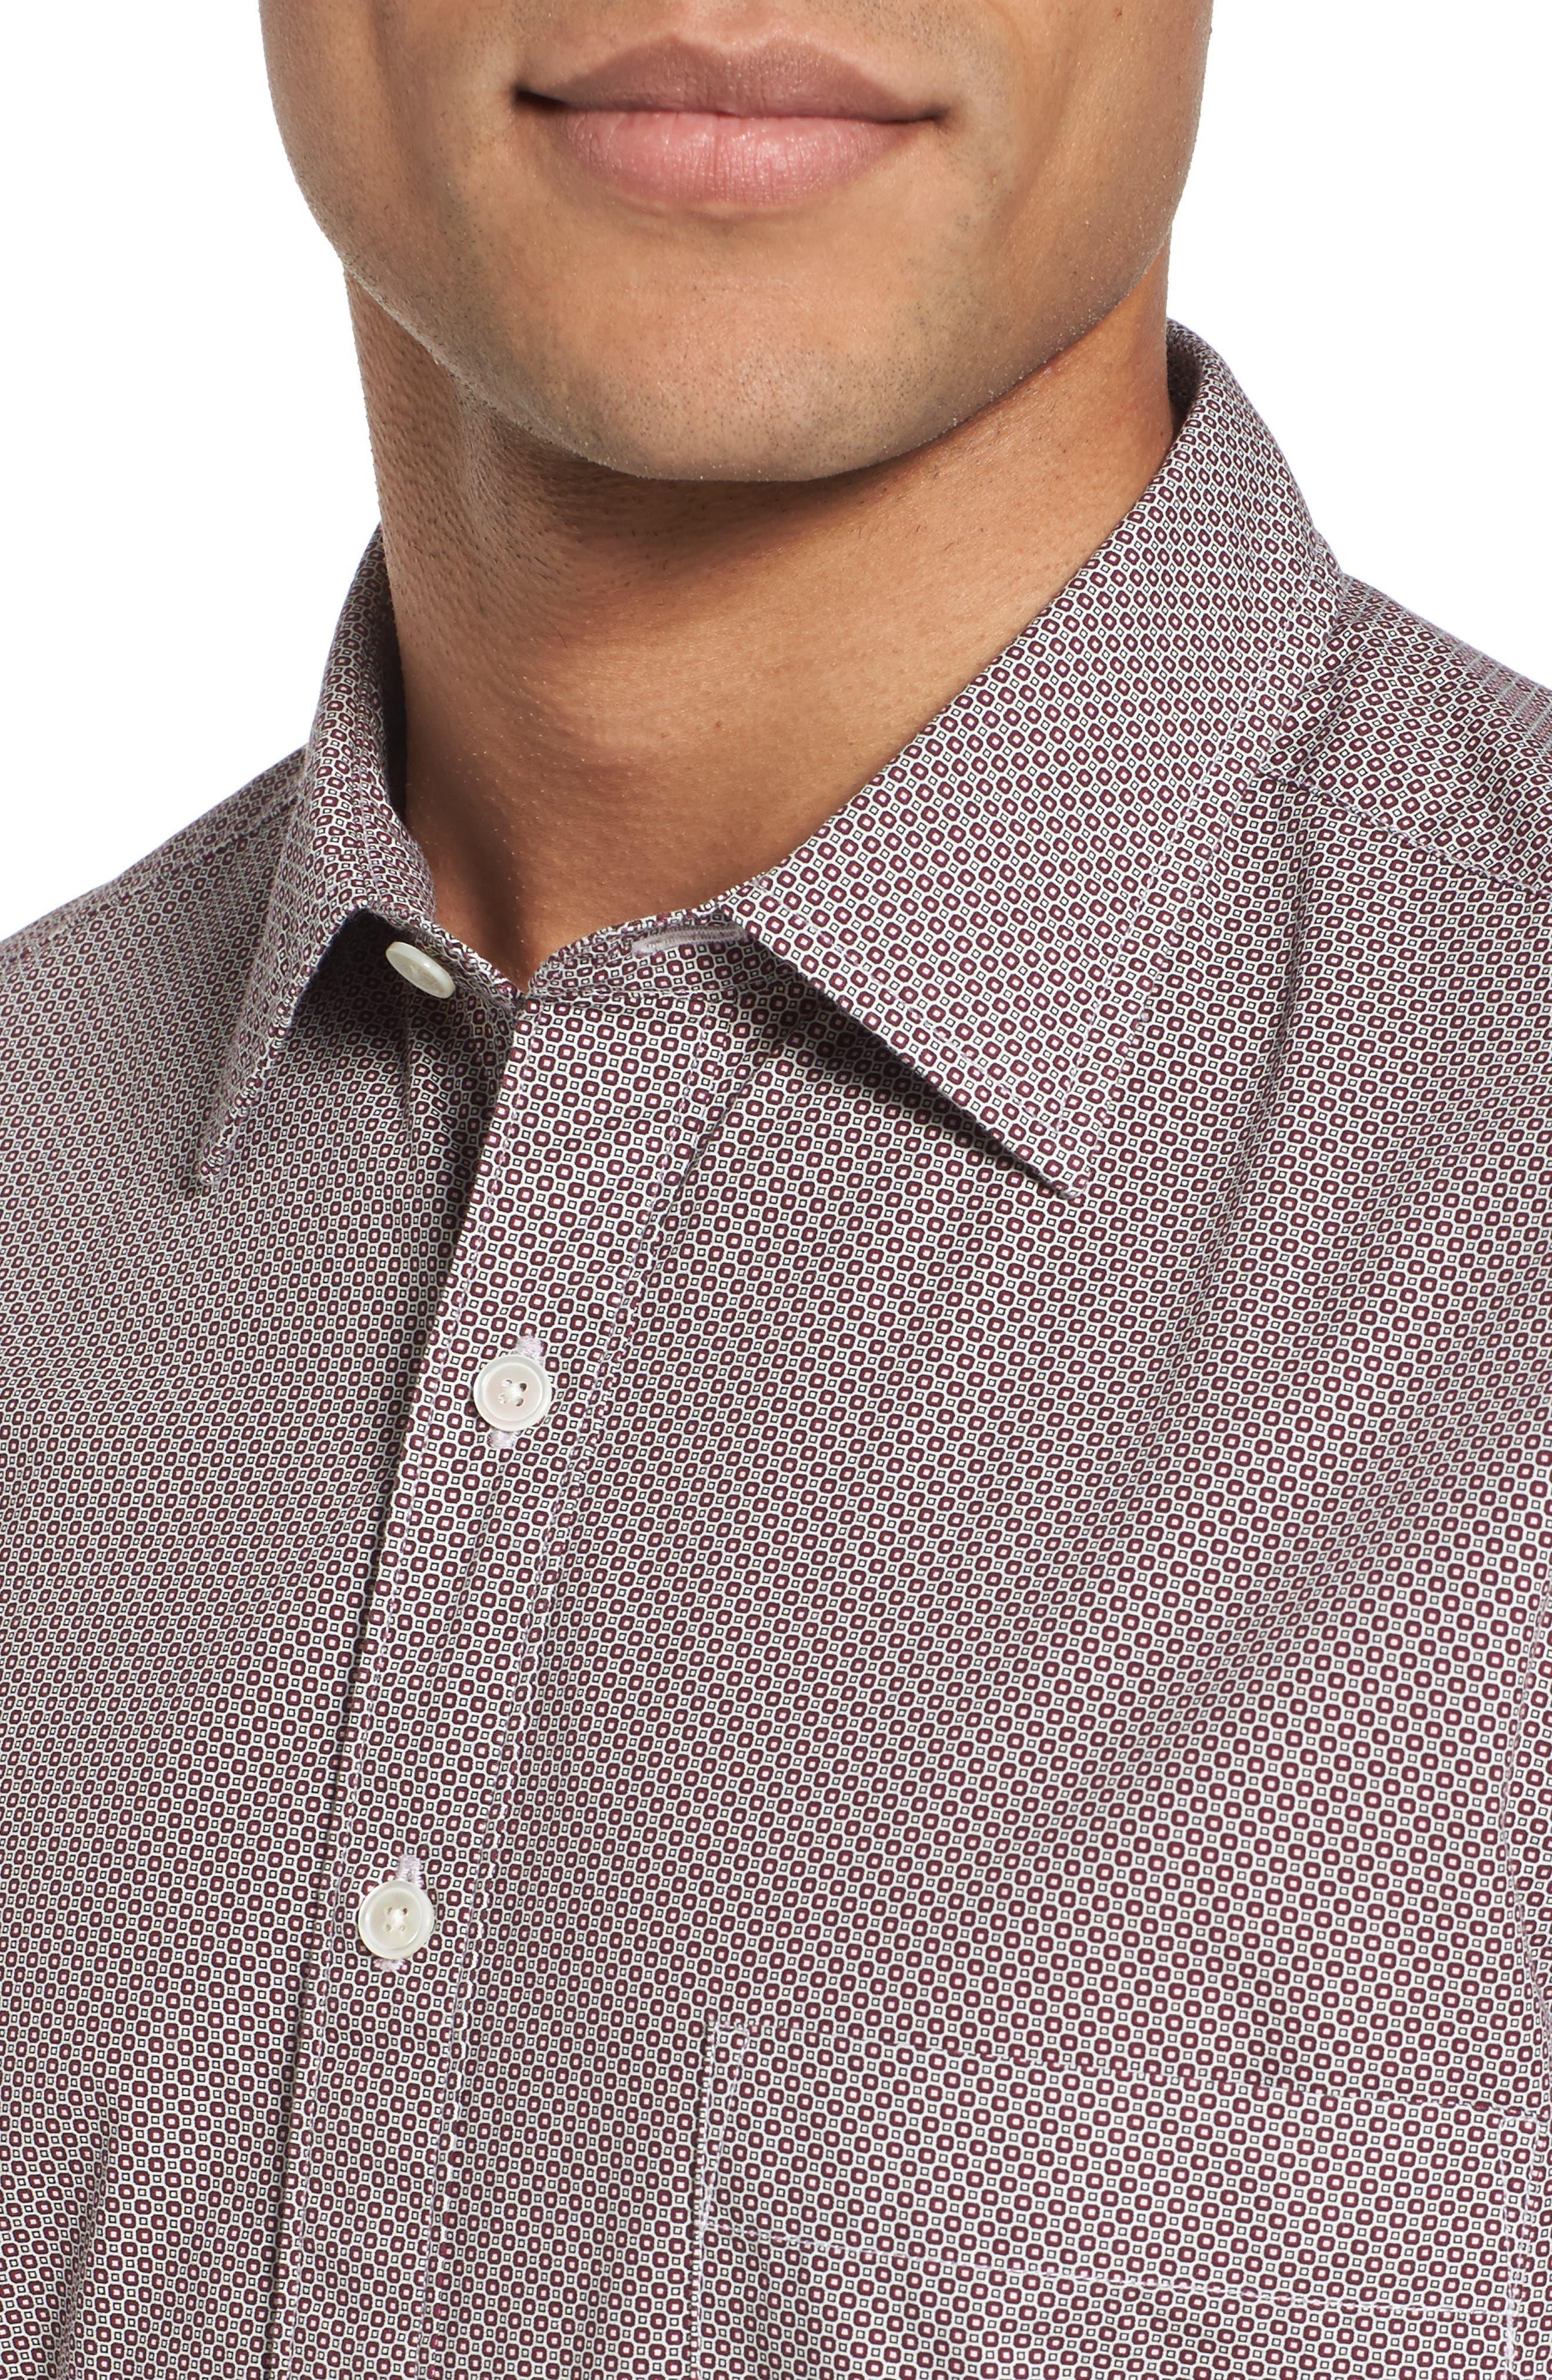 Oakhurst Sports Fit Print Sports Shirt,                             Alternate thumbnail 4, color,                             Rhubarb